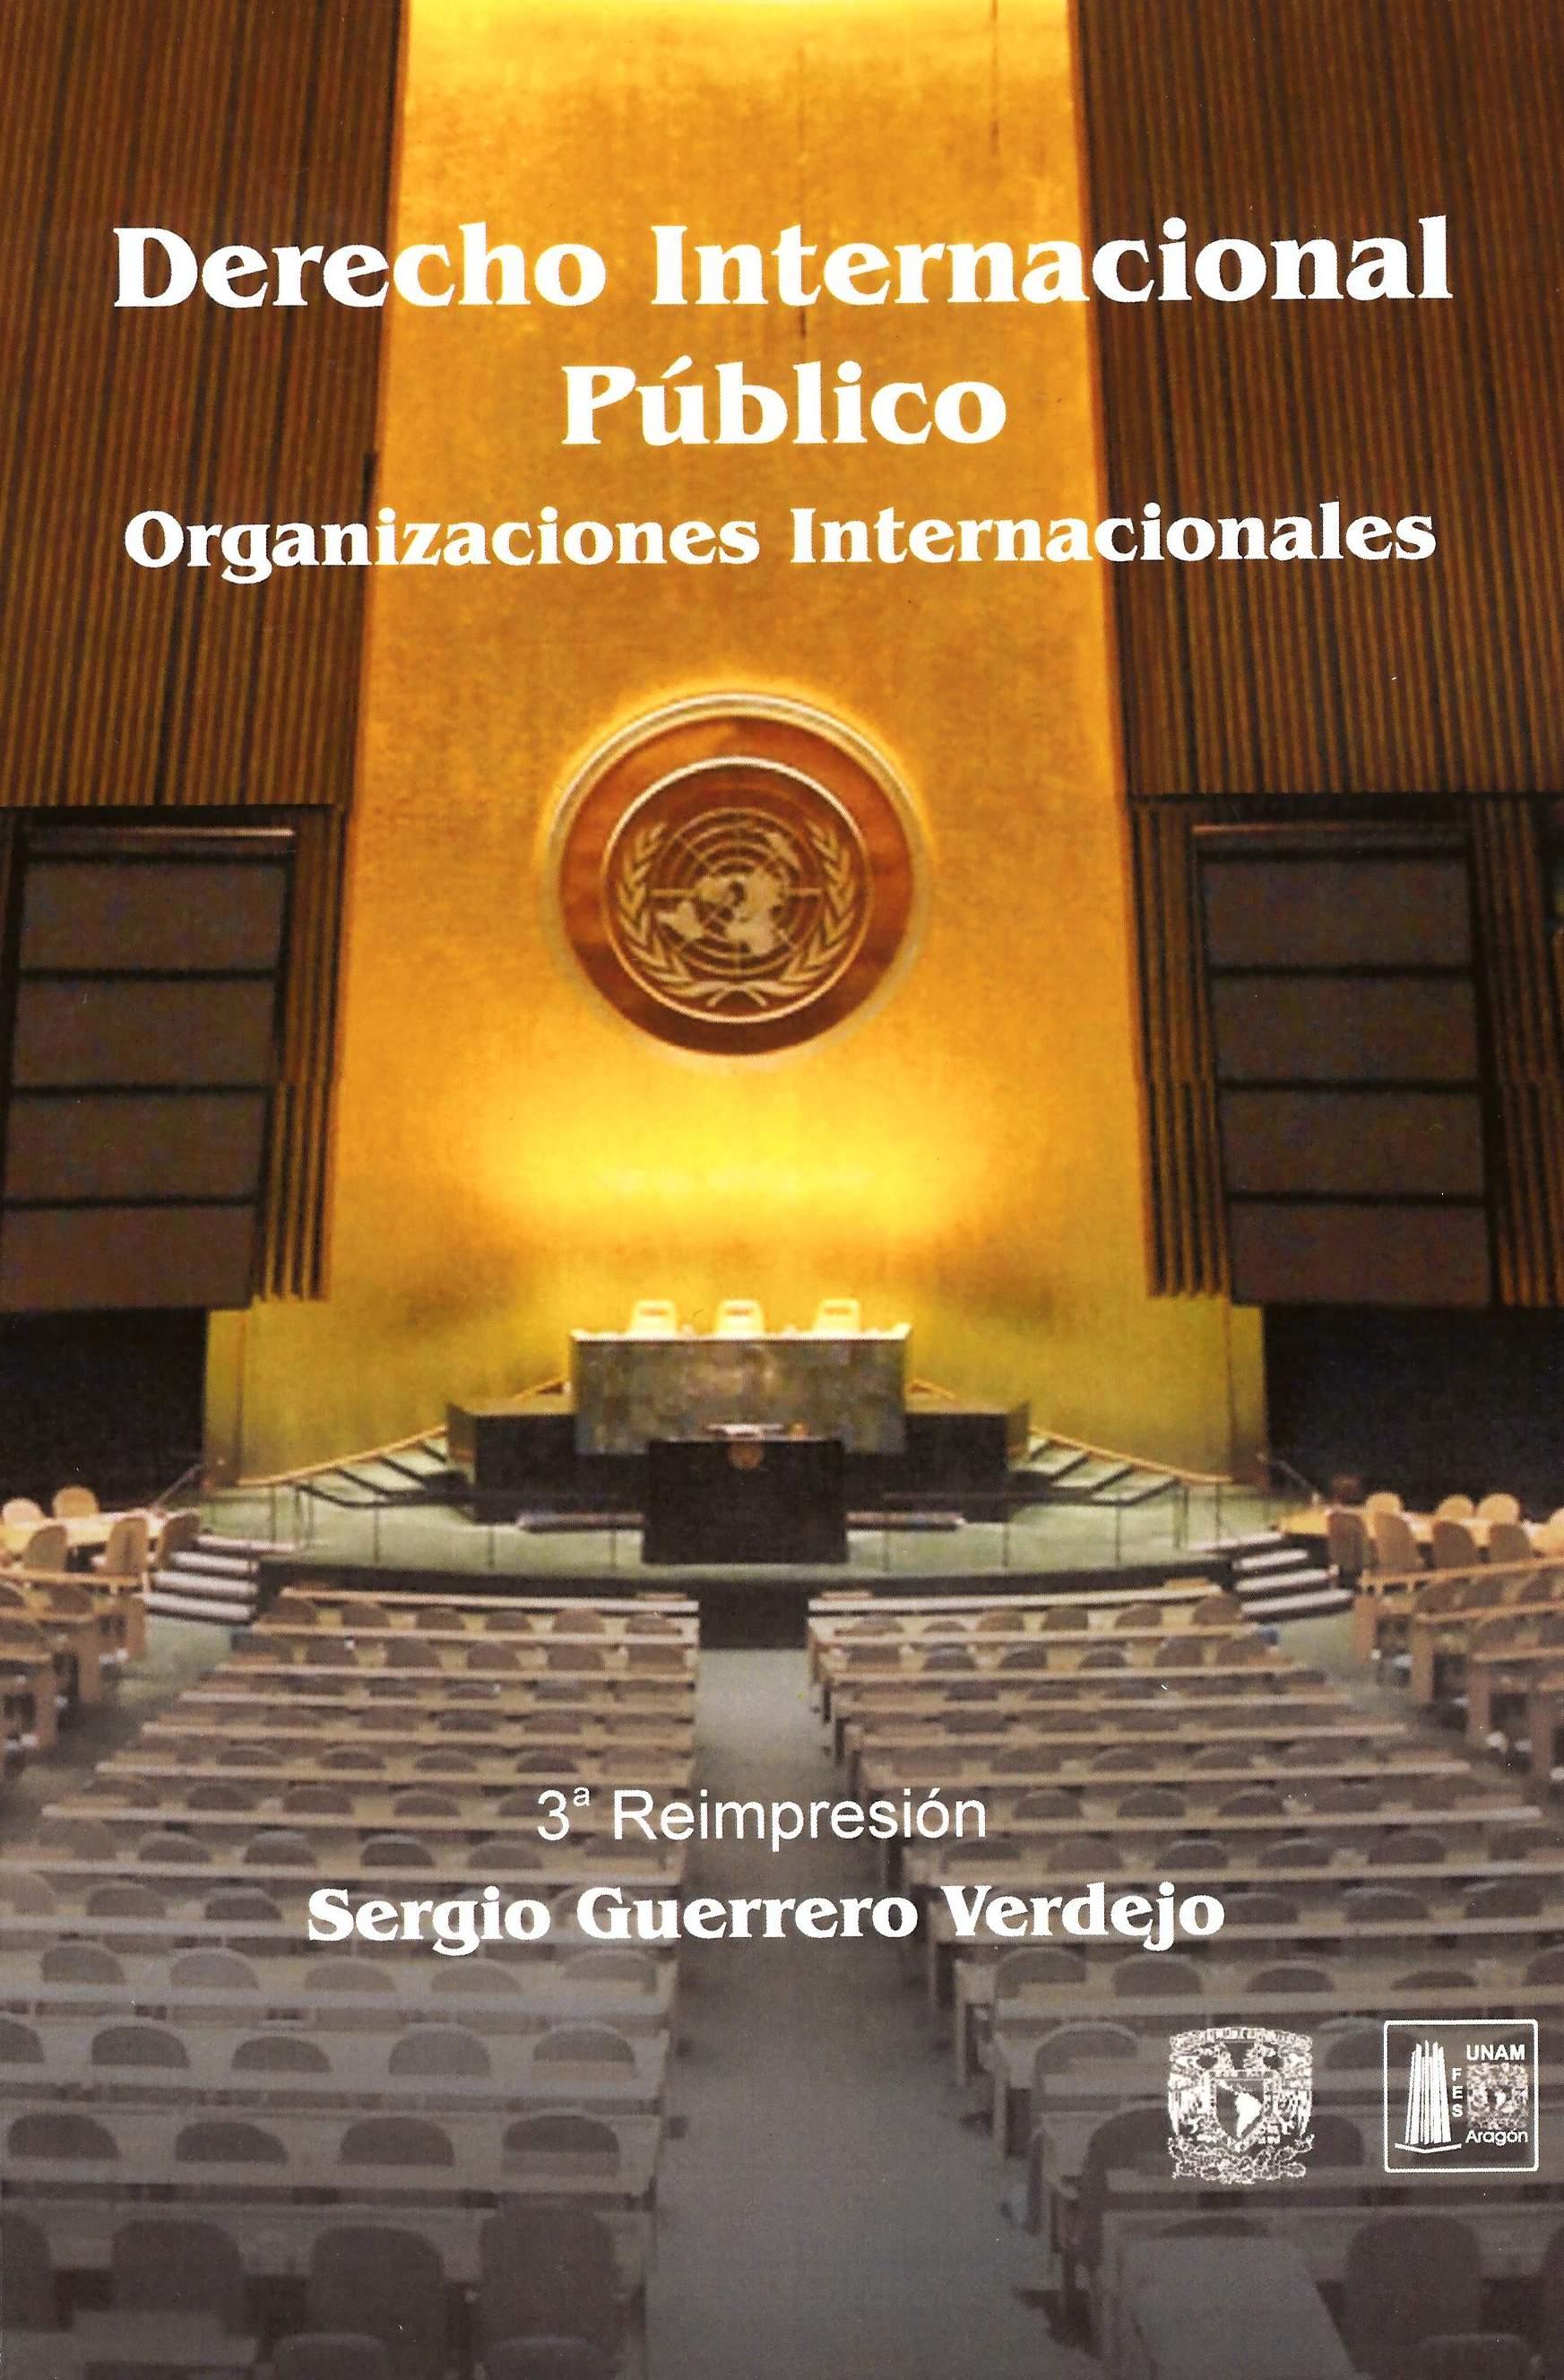 Derecho internacional público: organizaciones internacionales